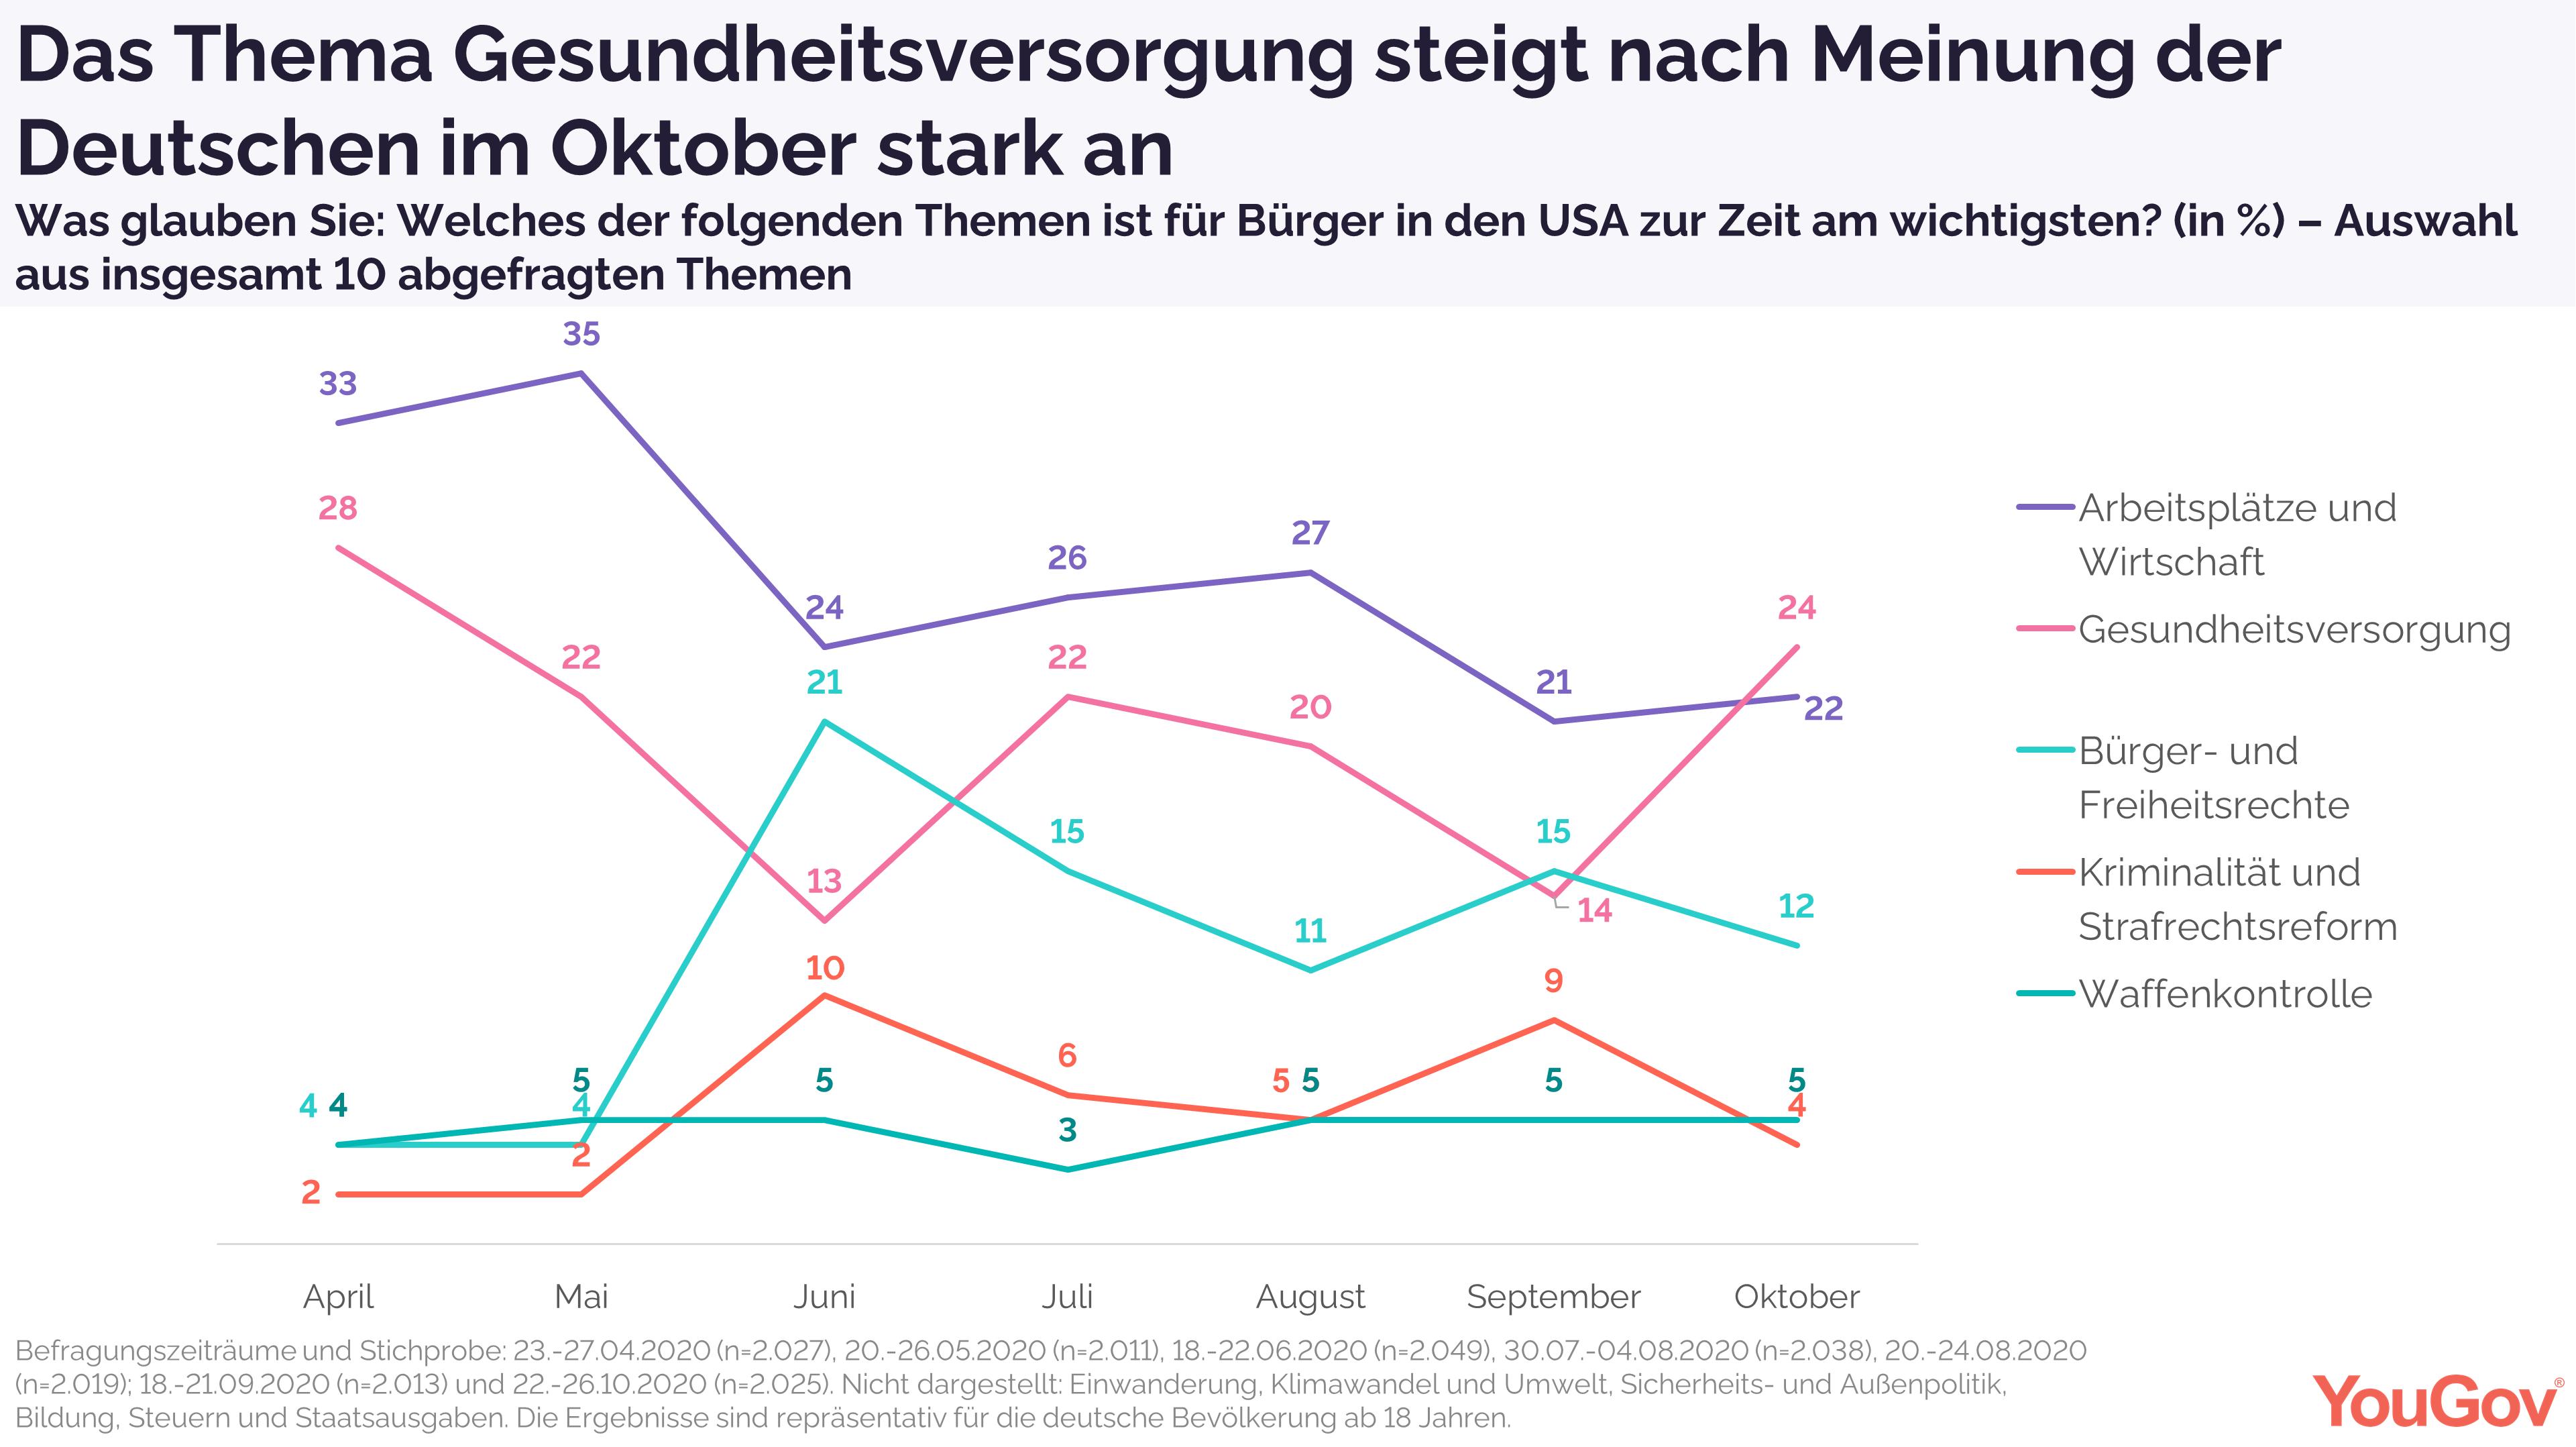 Gesundheitsversorgung steigt nach Meinung der Deutschen im Oktober stark an